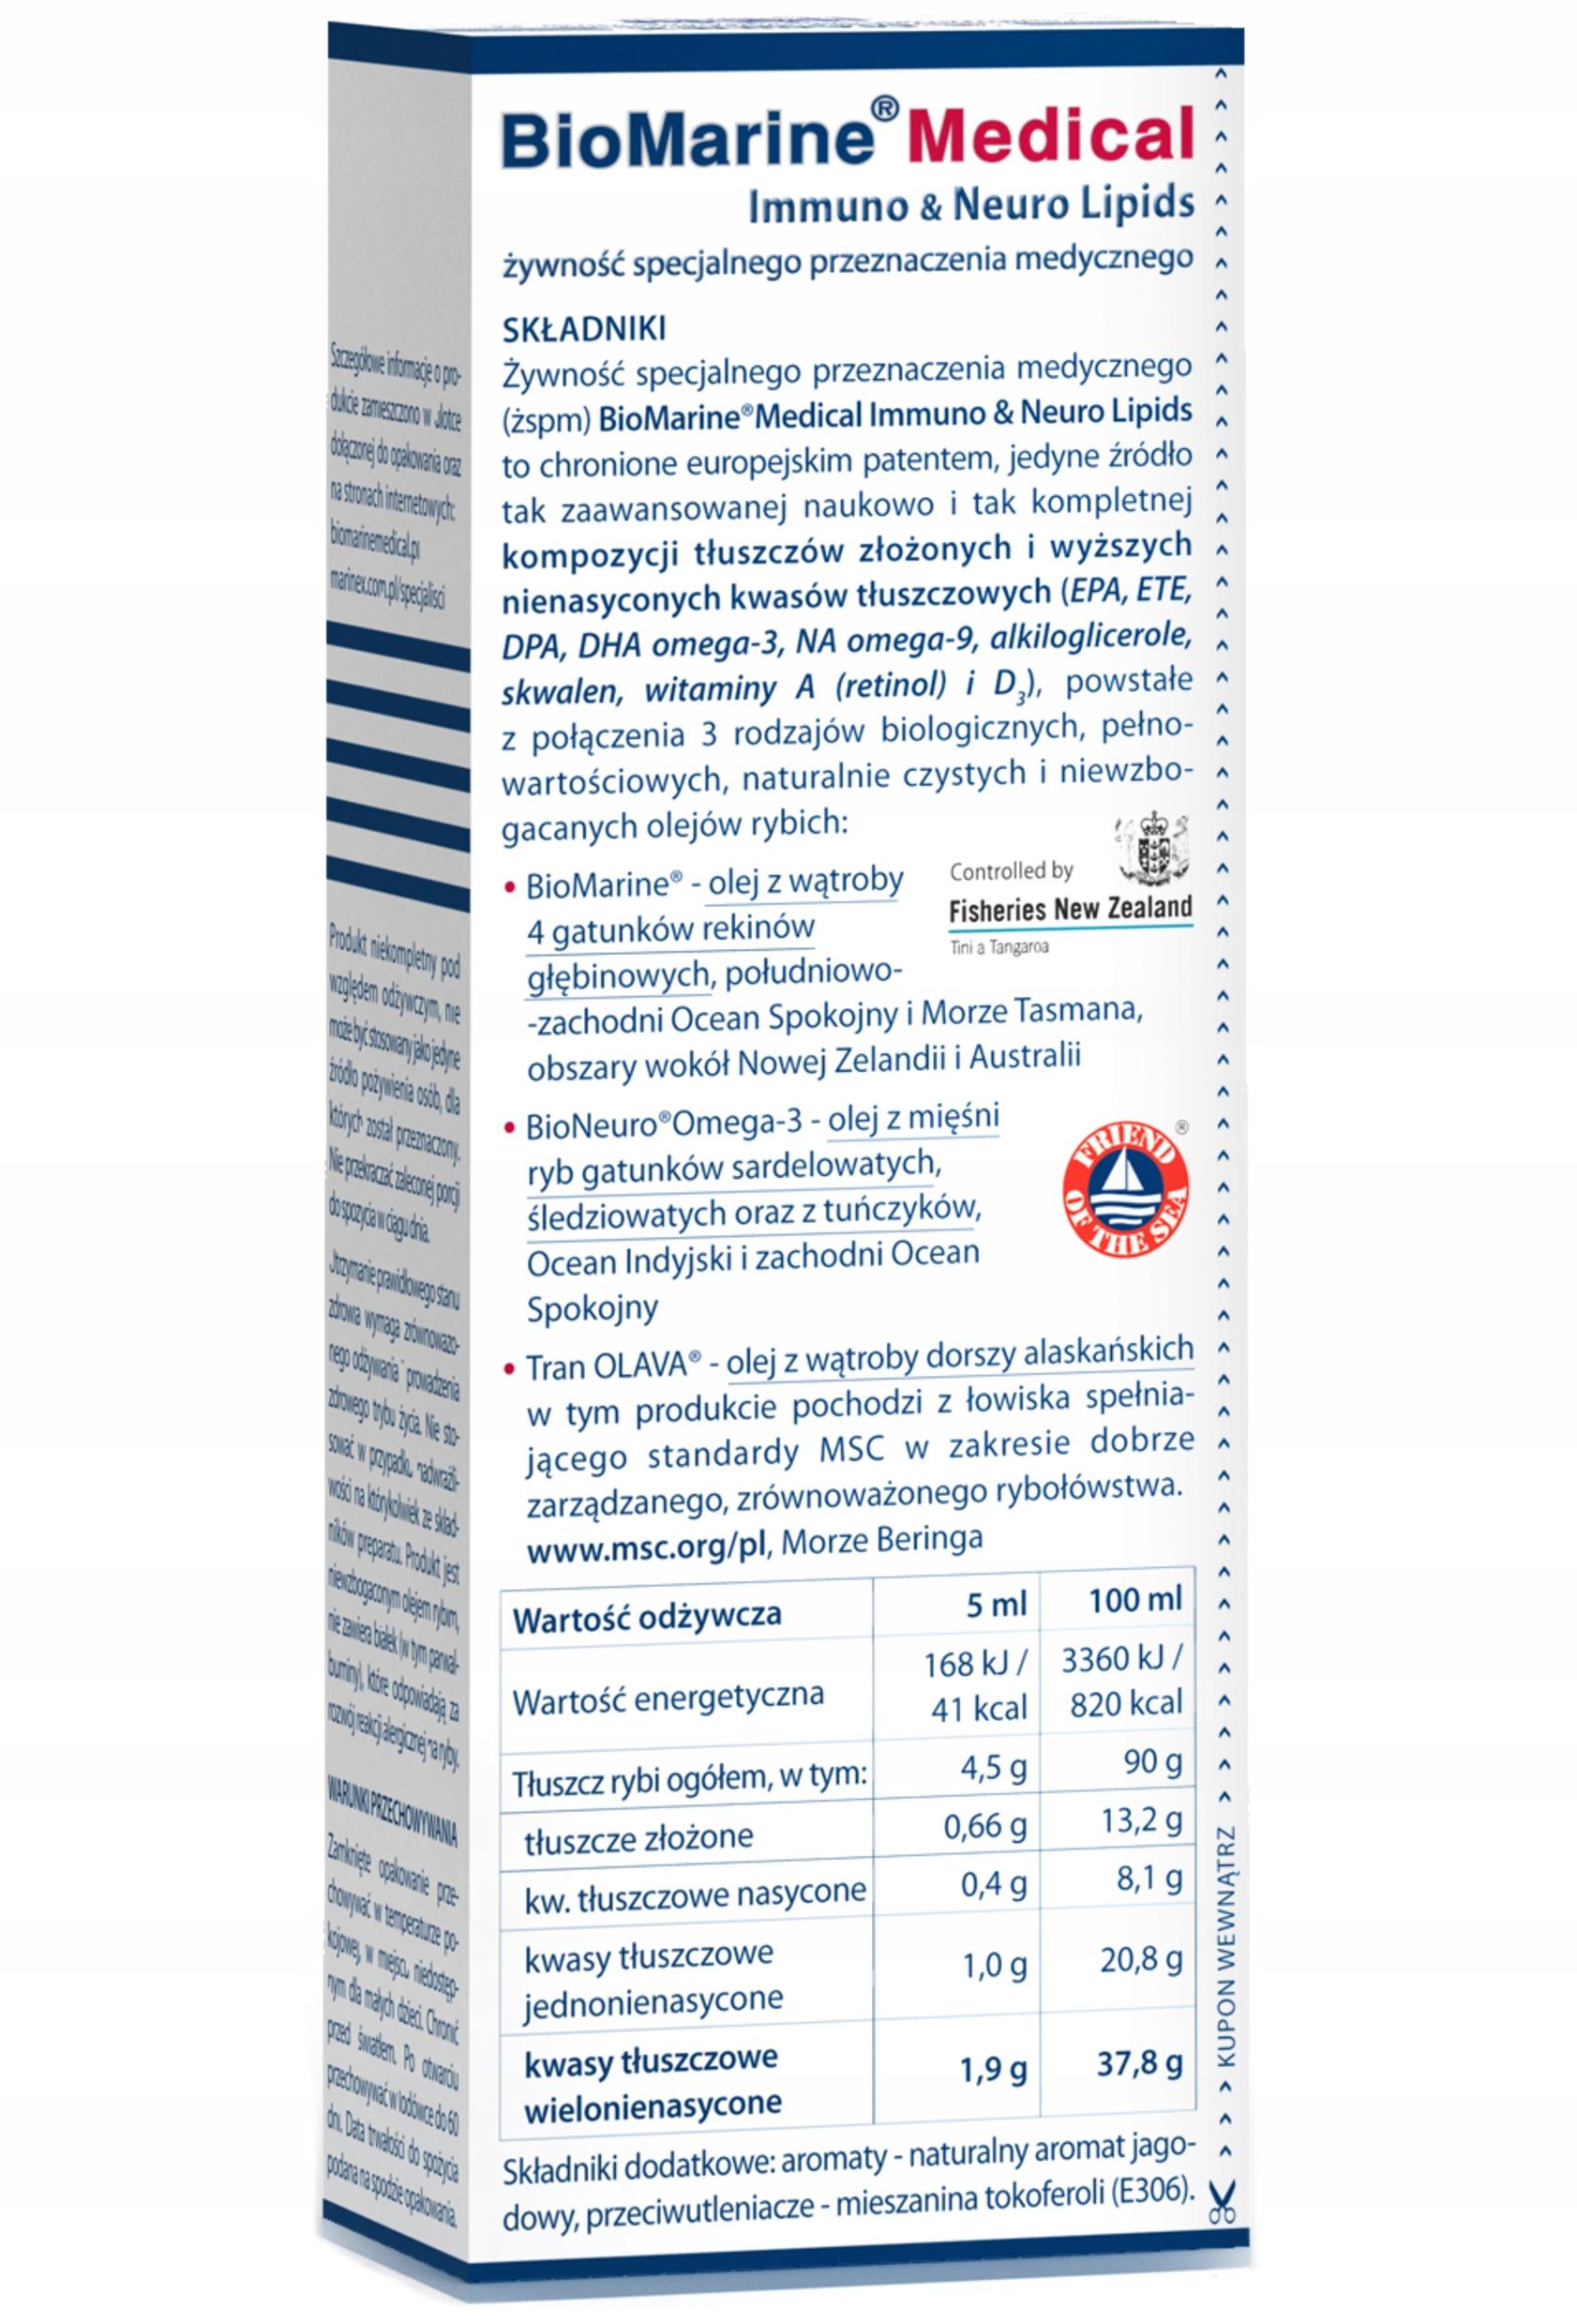 BIOMARINE Medical Tran OLEJ Z WĄTROBY REKINA 200ml Kod producenta 5903839934001